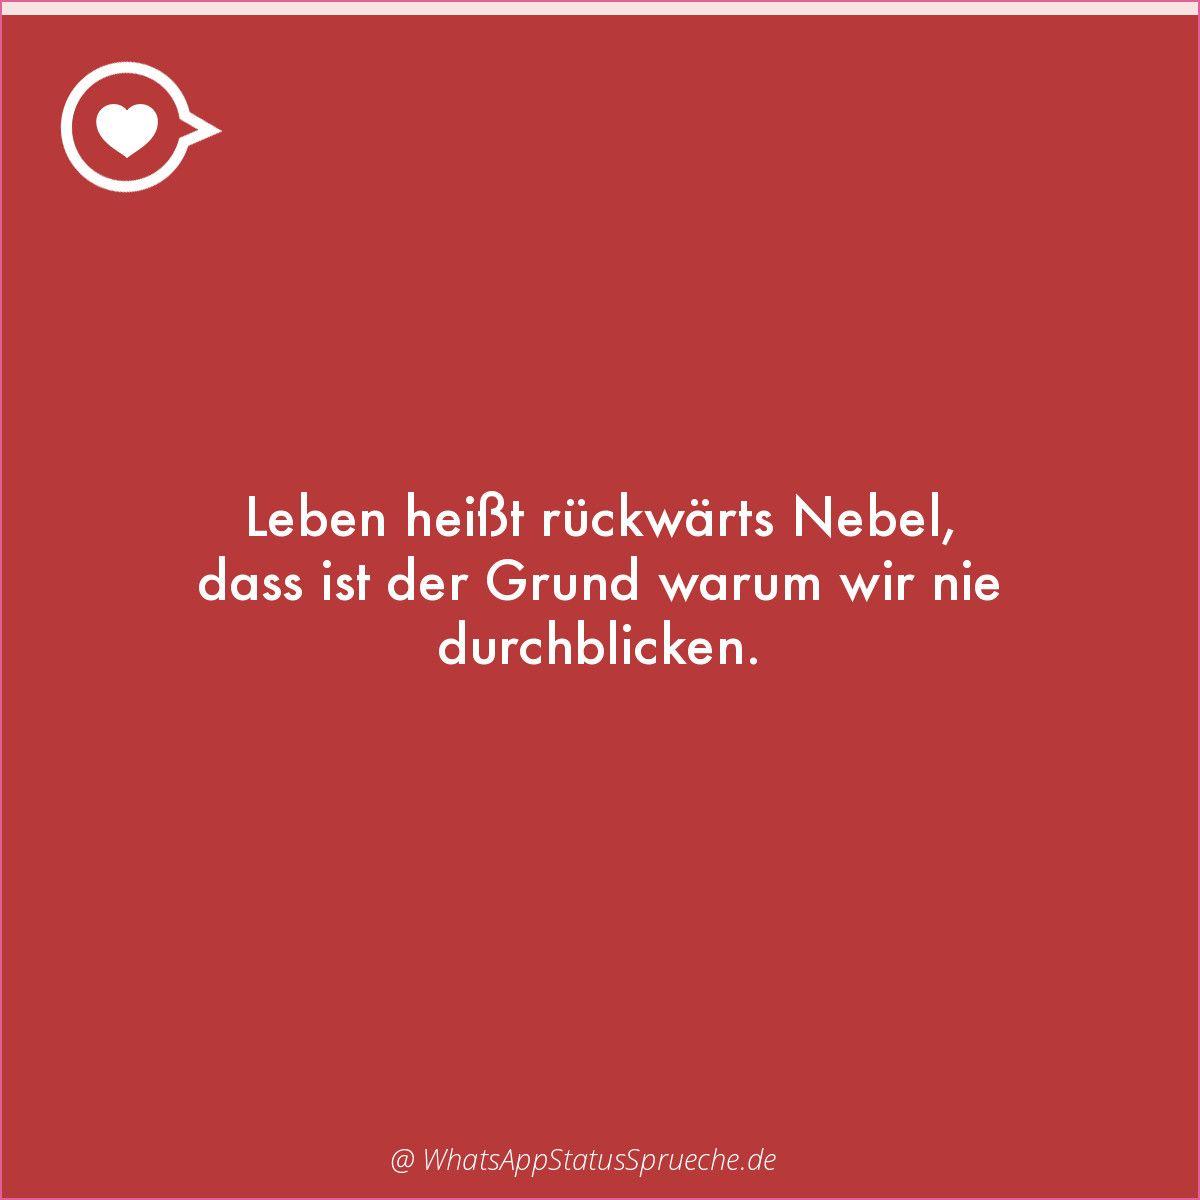 Nett Whatsapp Status Lustig Kurz Spruche Zum 30 Gute Status Spruche Spruche